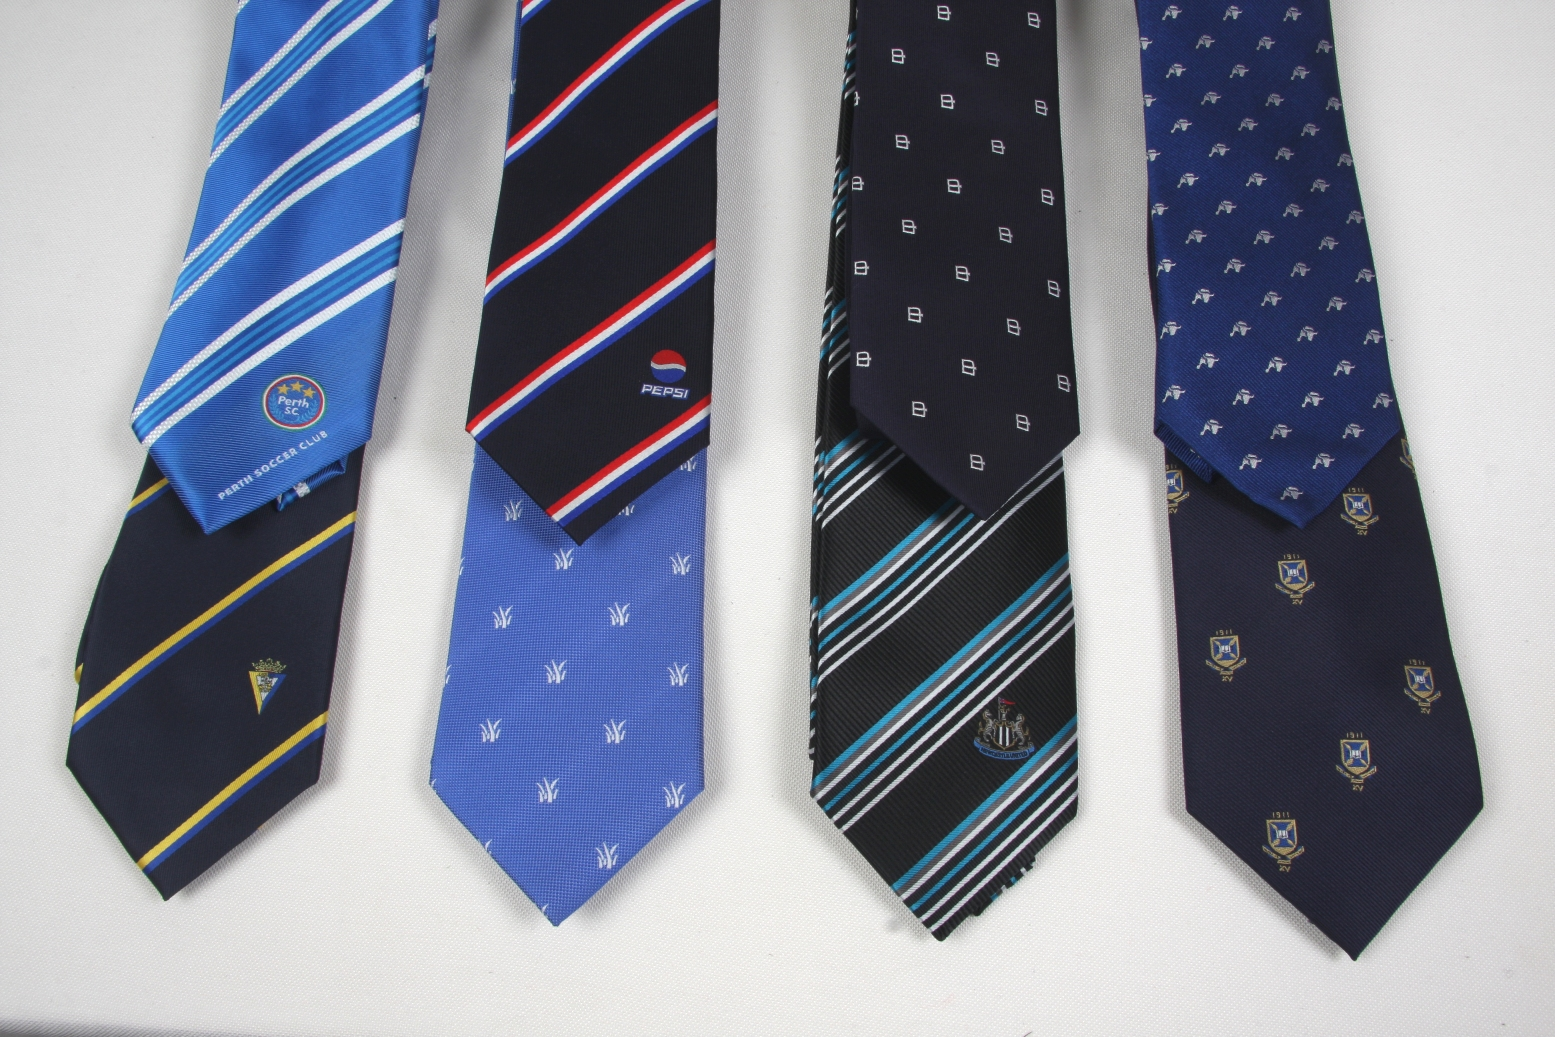 Corbatas de diseño con mucha clase. atrociouslf.gq es desde hace años la tienda líder en España de corbatas de atrociouslf.gqa nueva marca de diseño es